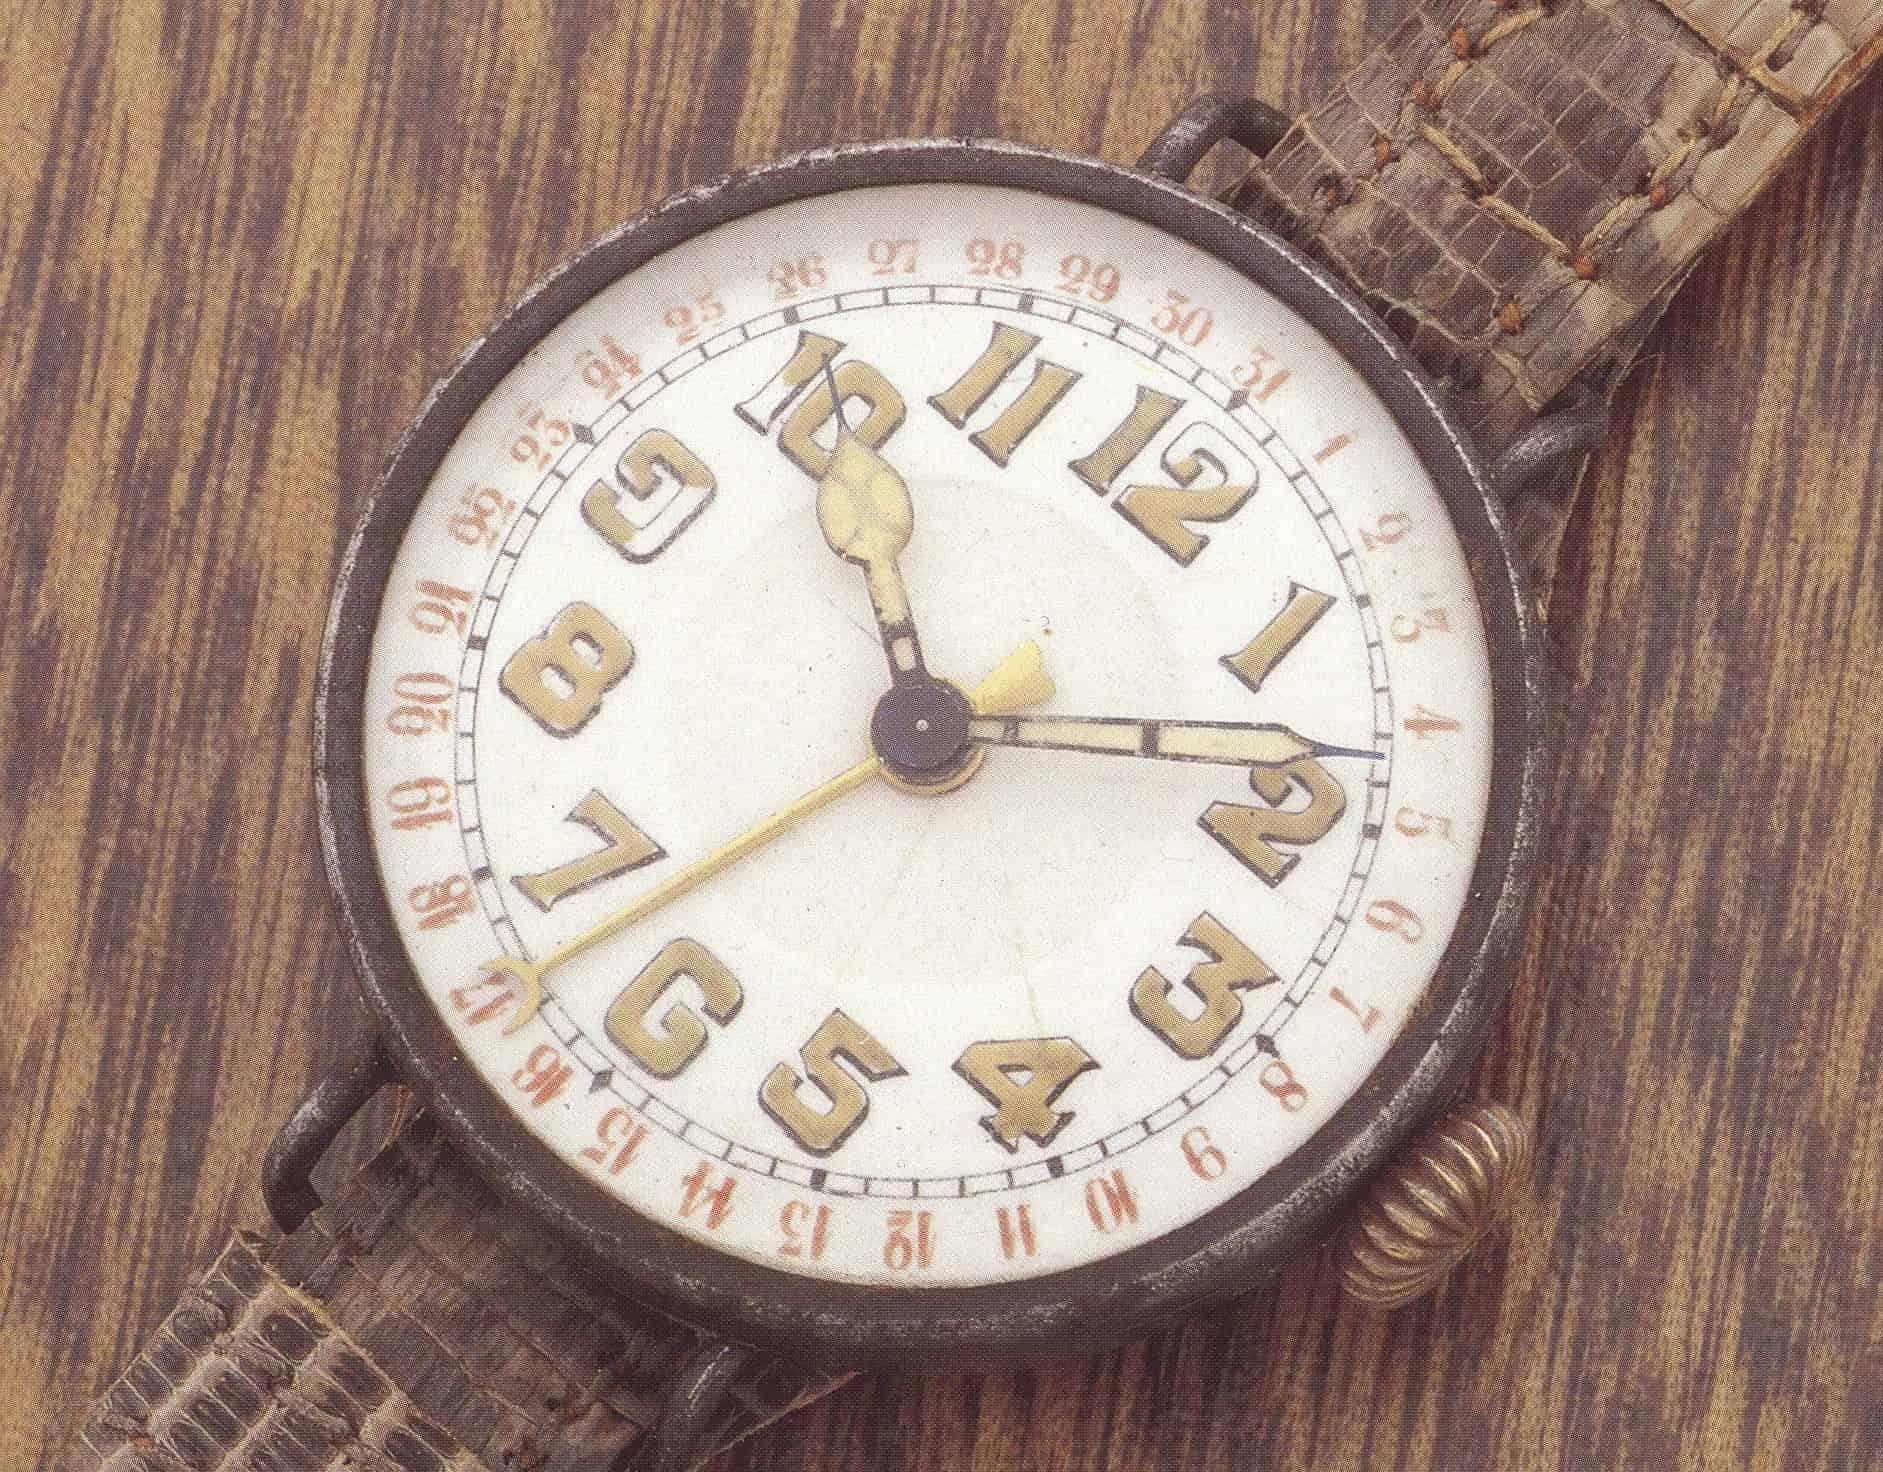 Die Hammerly Zeigerdatums-Uhr trug weder Markenzeichen noch Signatur